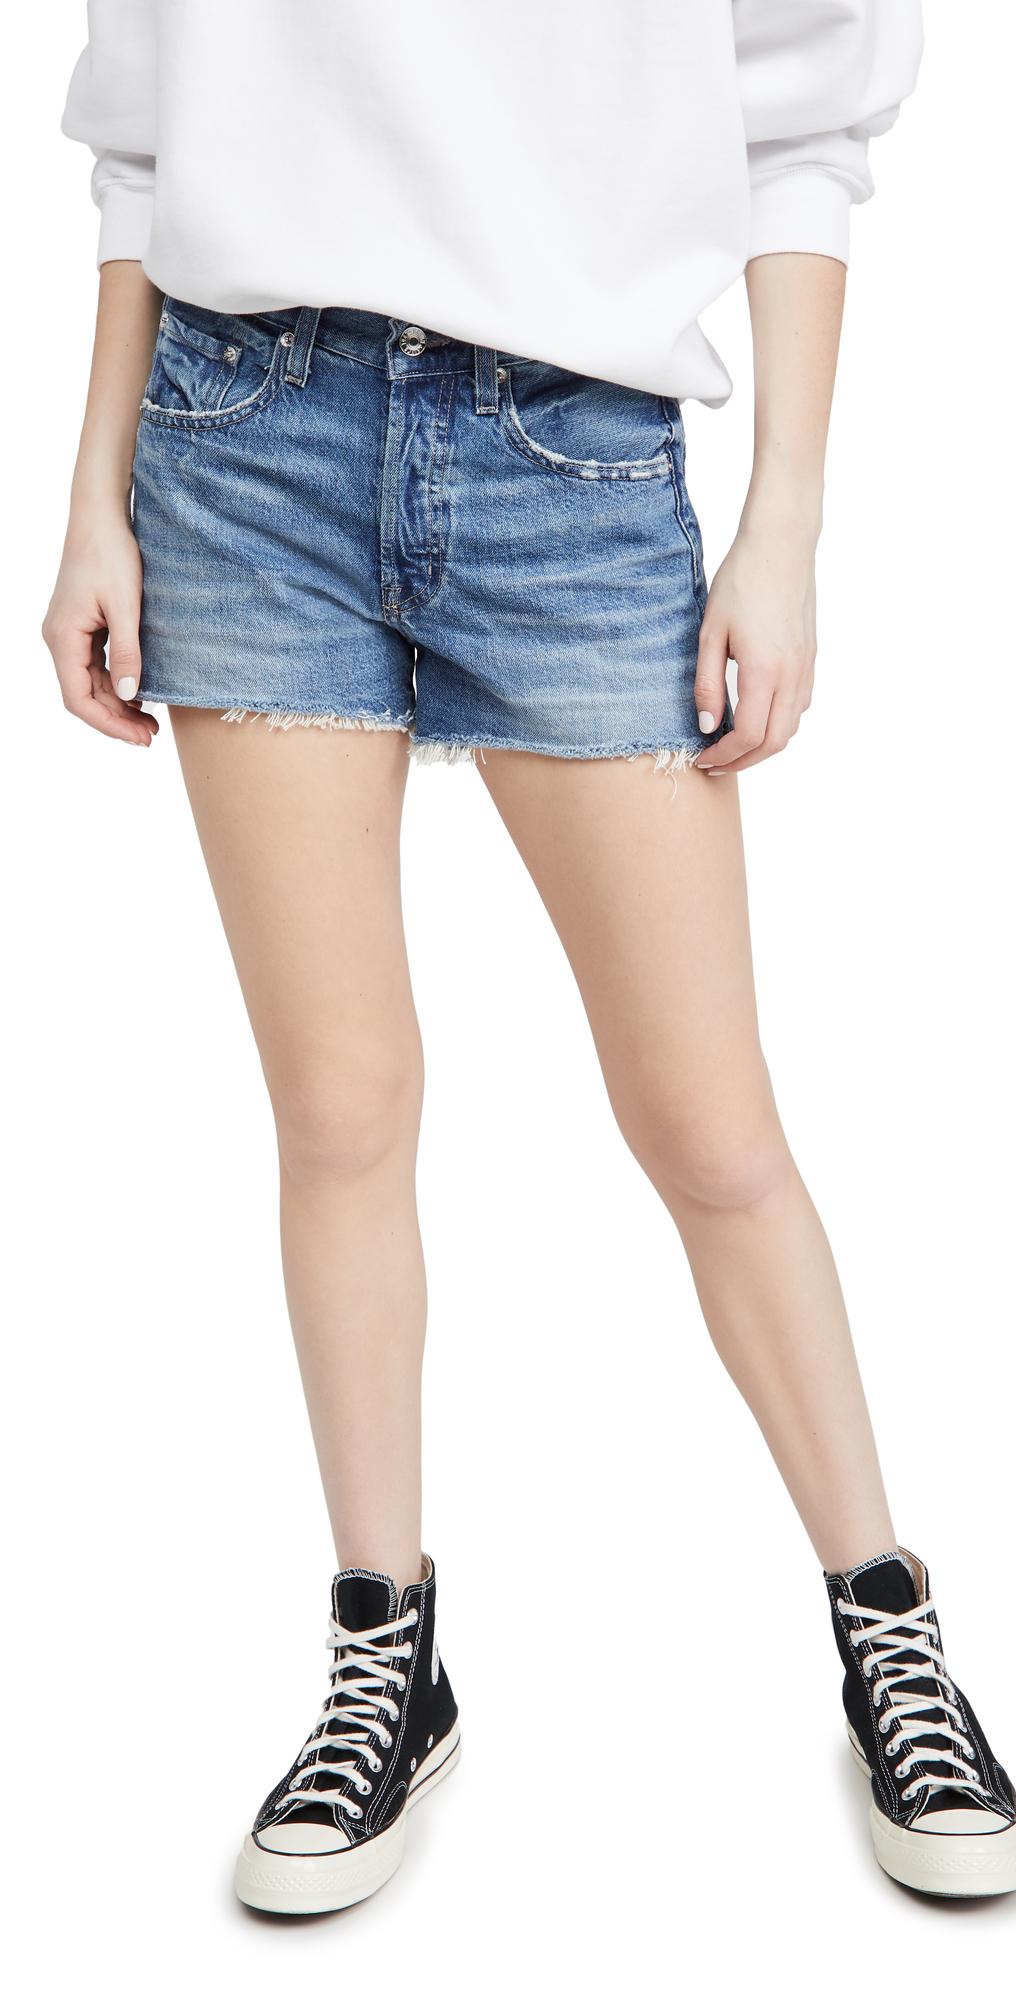 Cai Cutoff Shorts